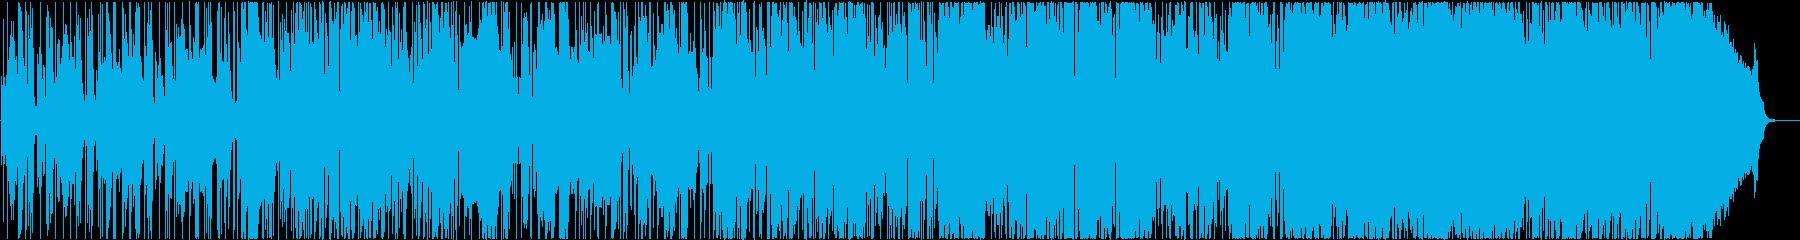 アルトサックスのお洒落なスムースジャズの再生済みの波形